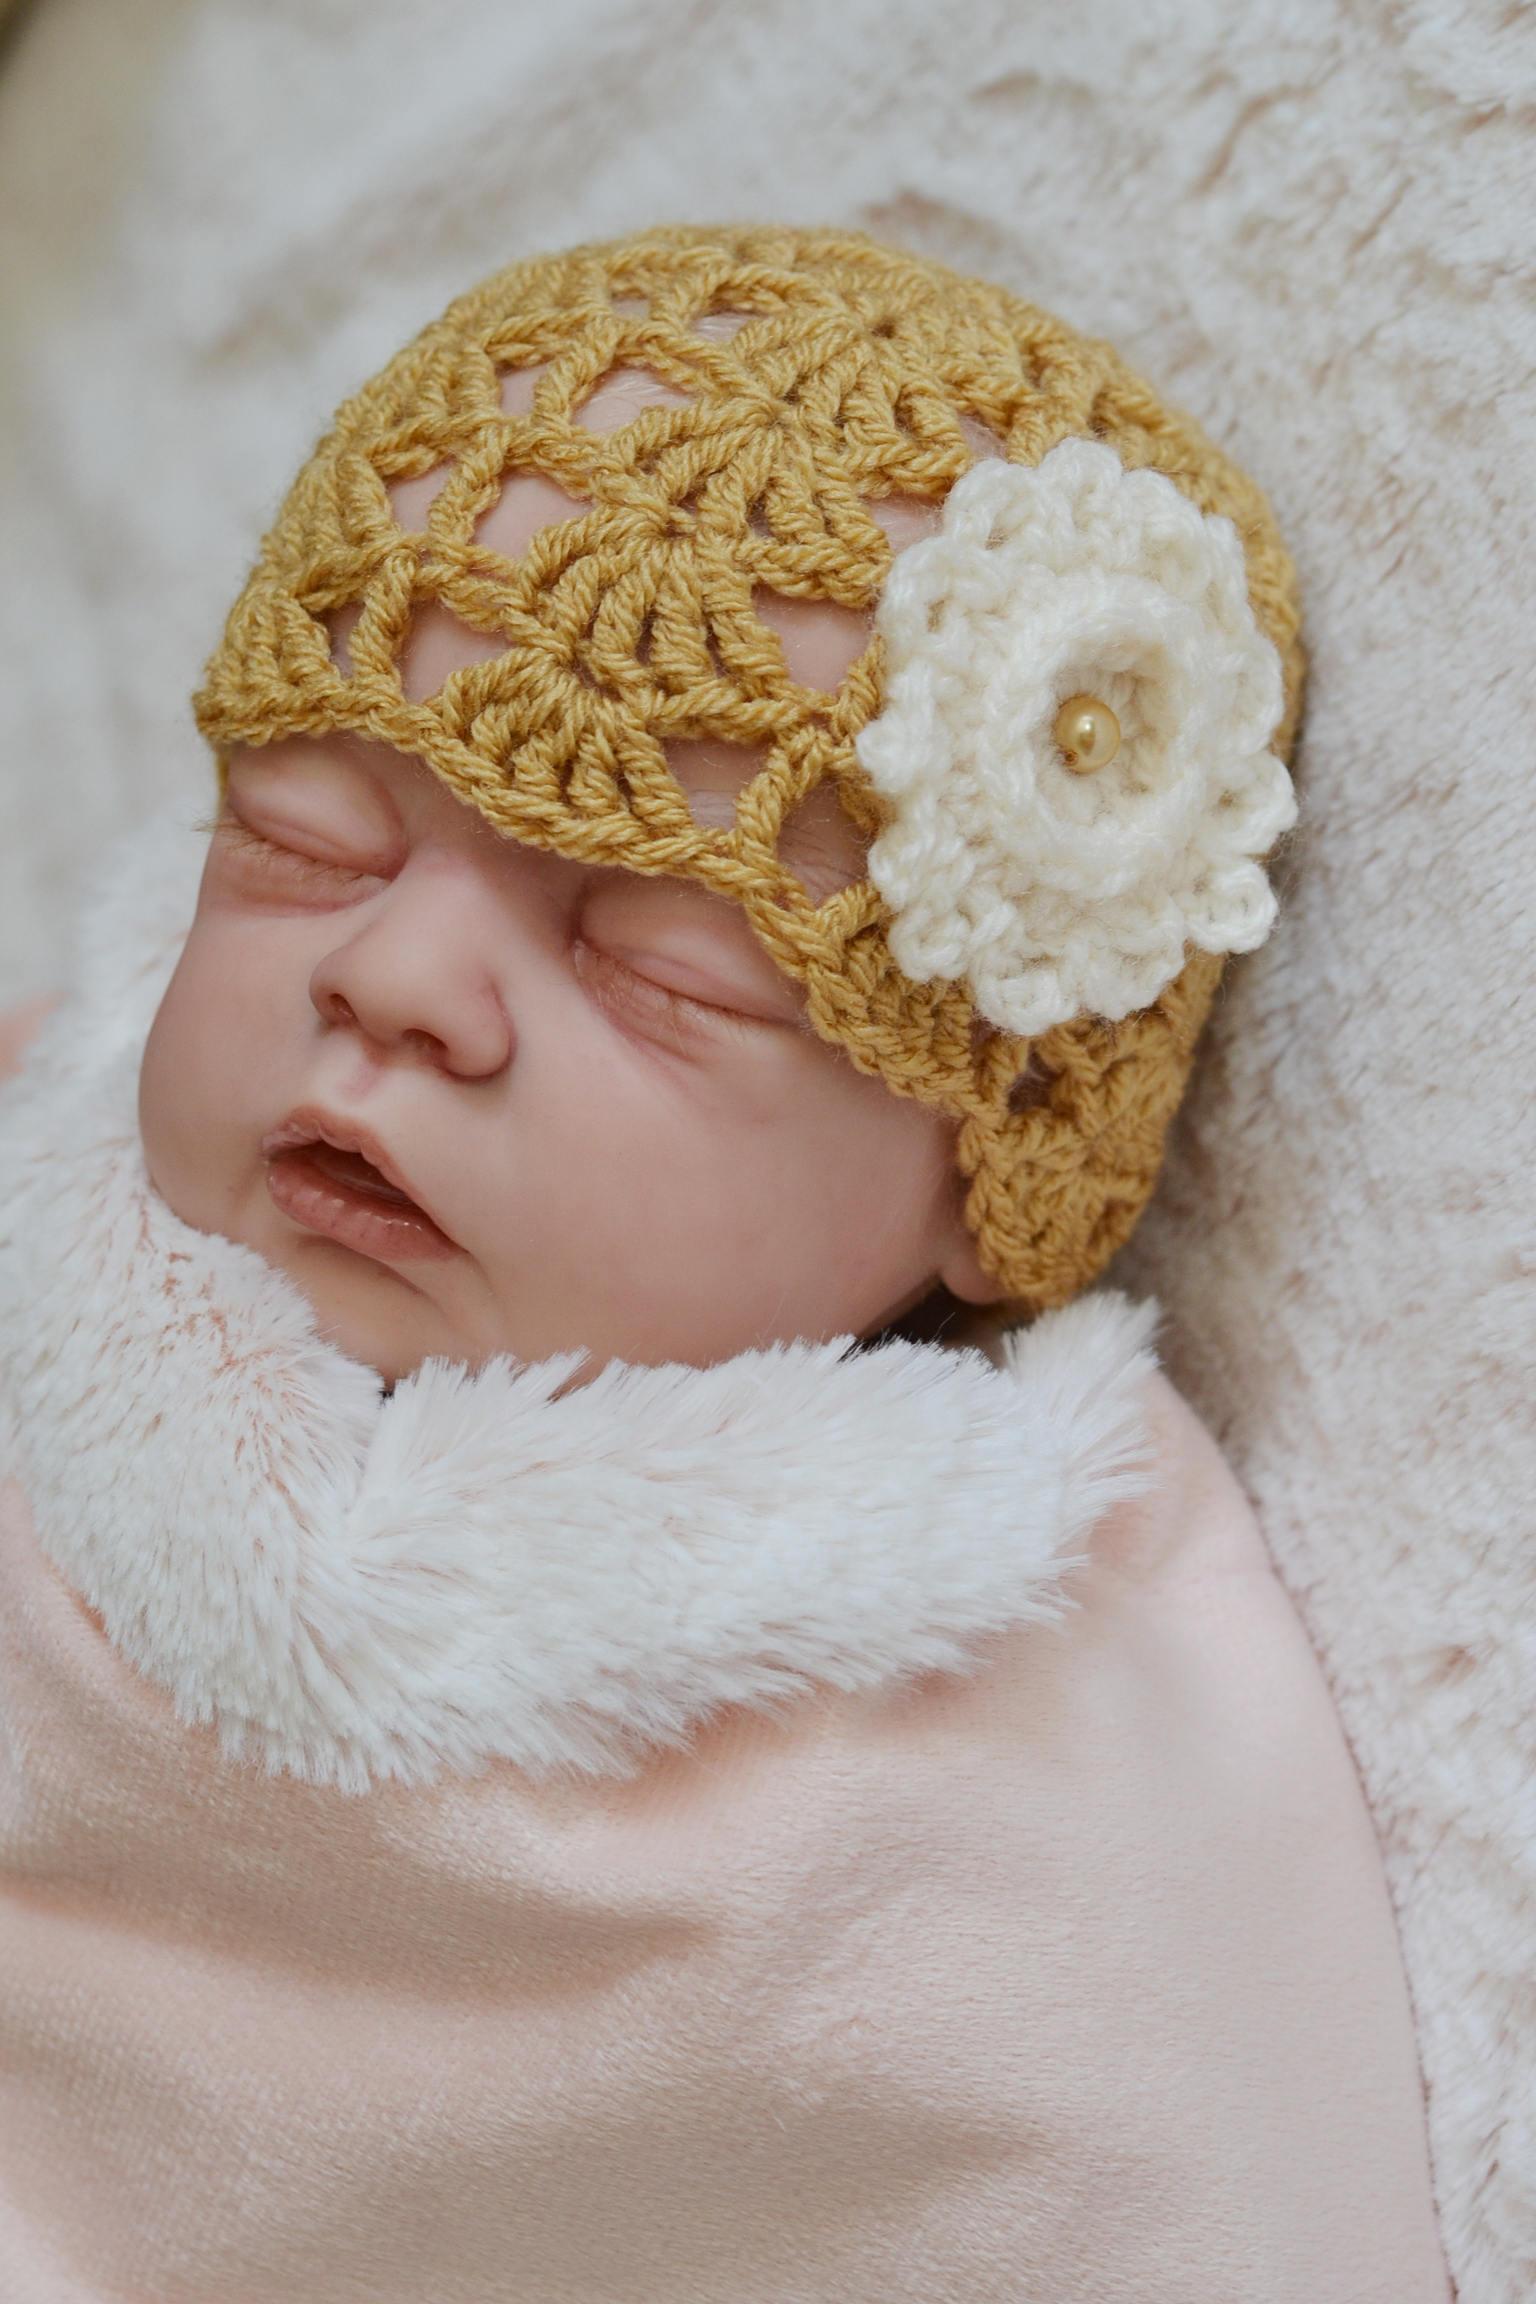 Baby Girl Newborn crochet Lacey Shell Summer Hat Flower Beanie Hat Photo Prop Hat